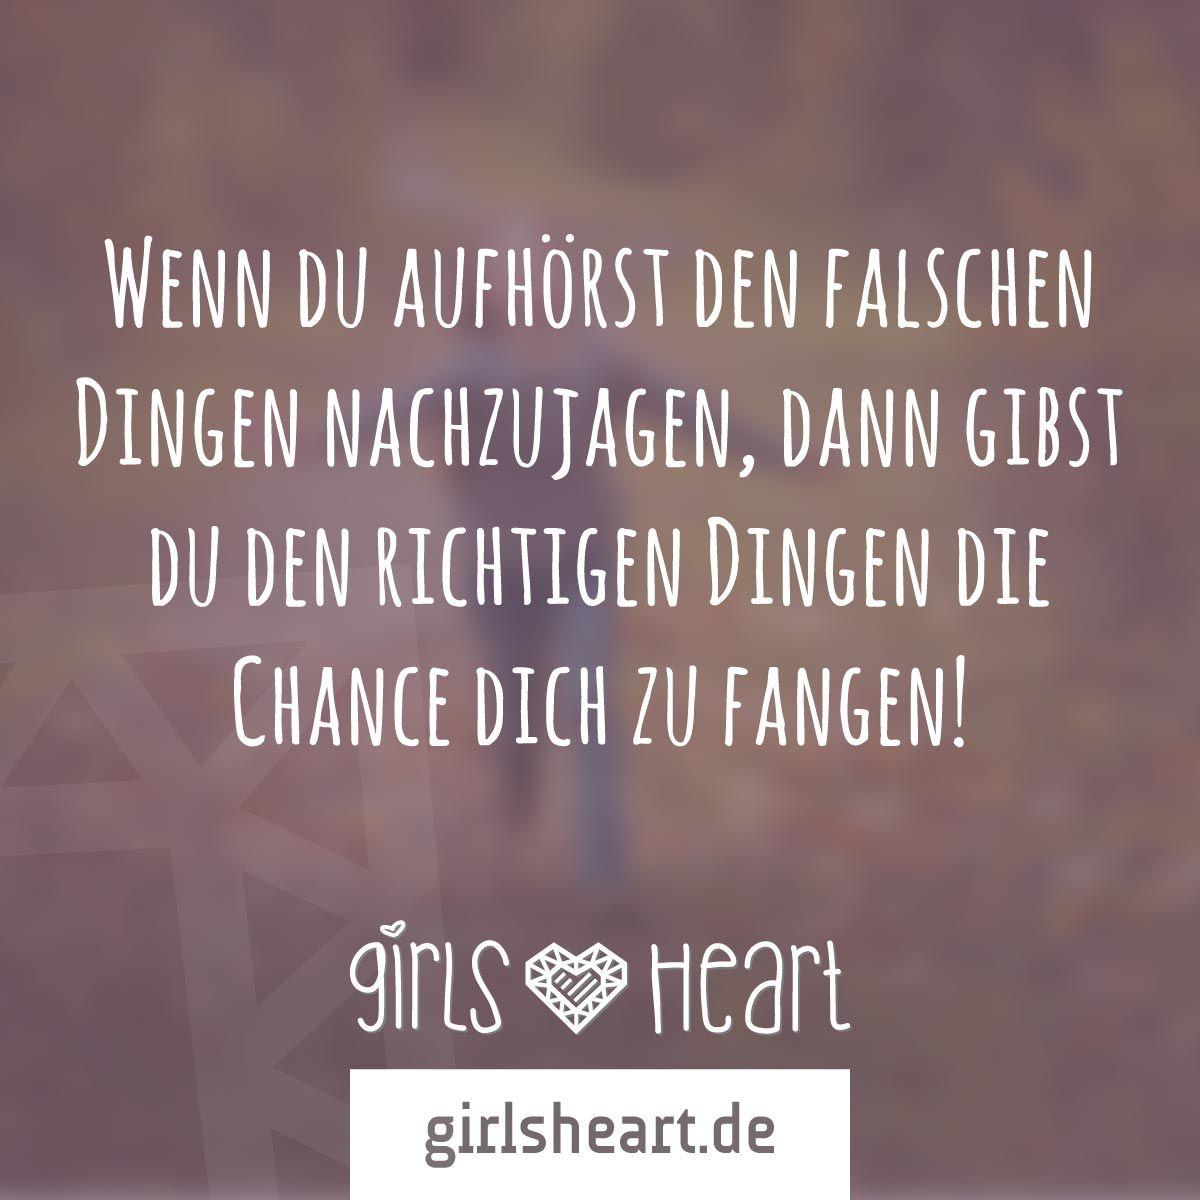 Mehr Spruche Auf Www Girlsheart De Ziele Chancen Leben Liebe Lebensweg Pinterest Ziel